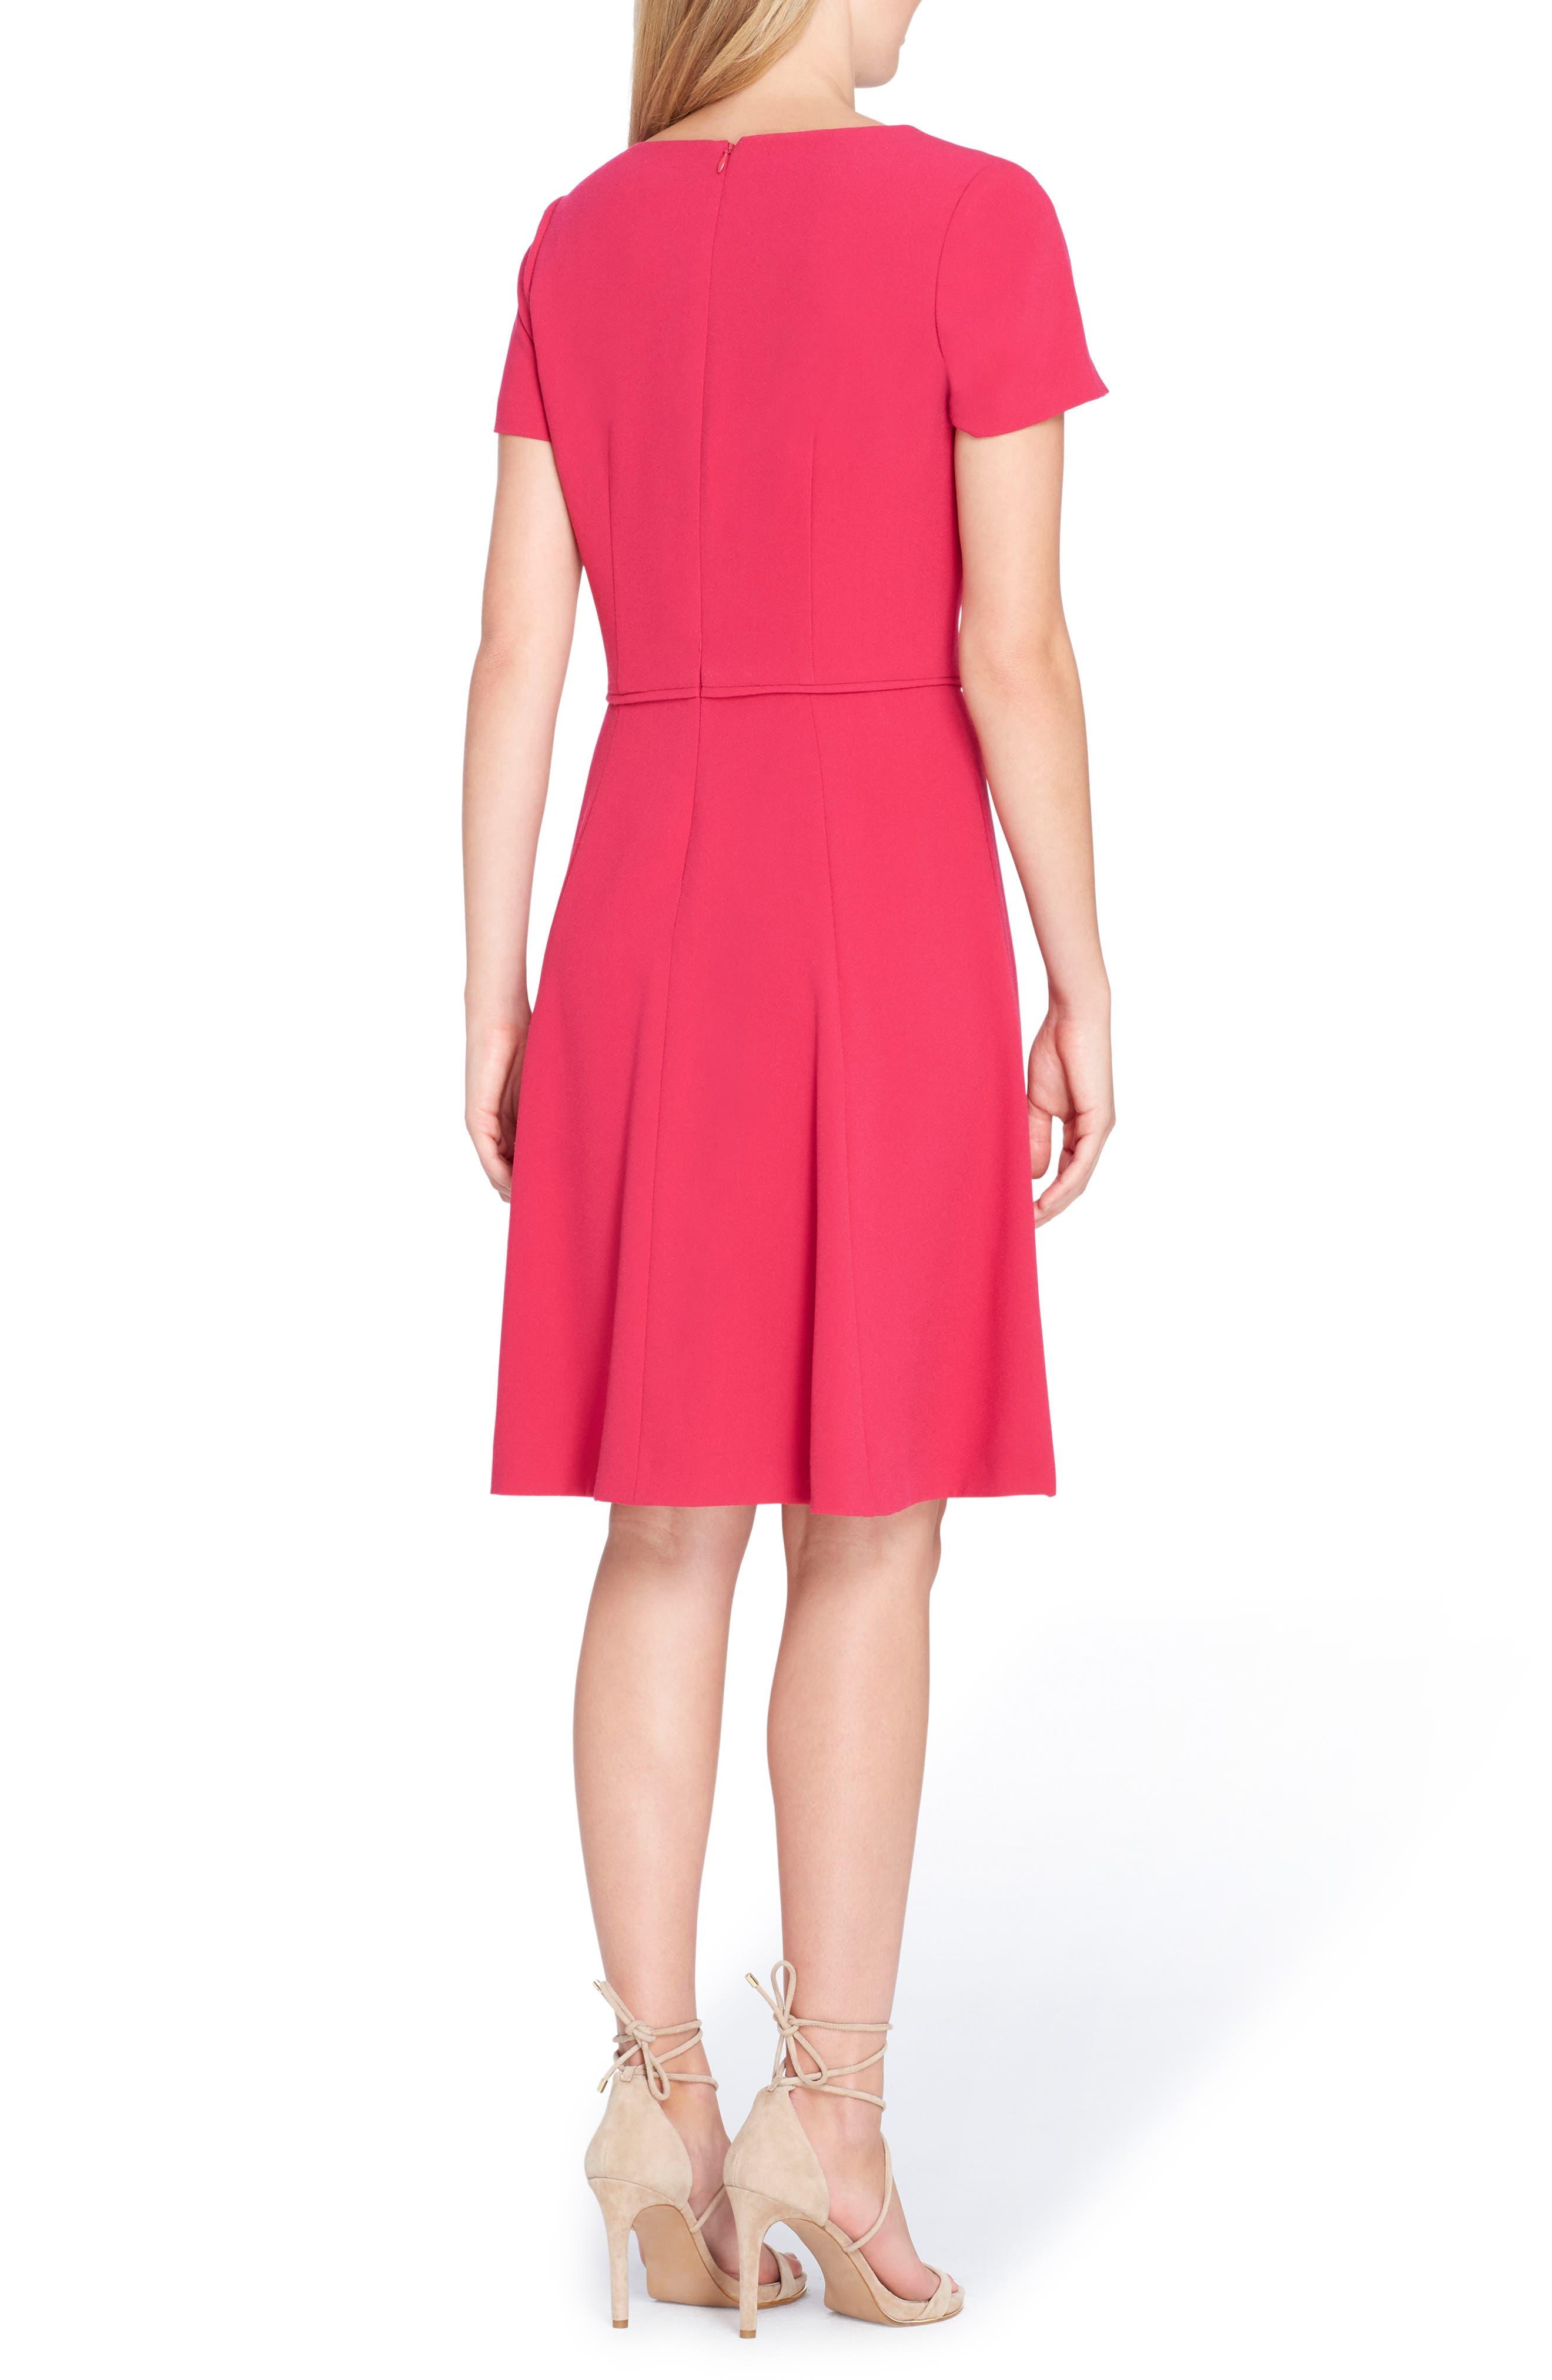 Scallop Neck A-Line Dress,                             Alternate thumbnail 2, color,                             677